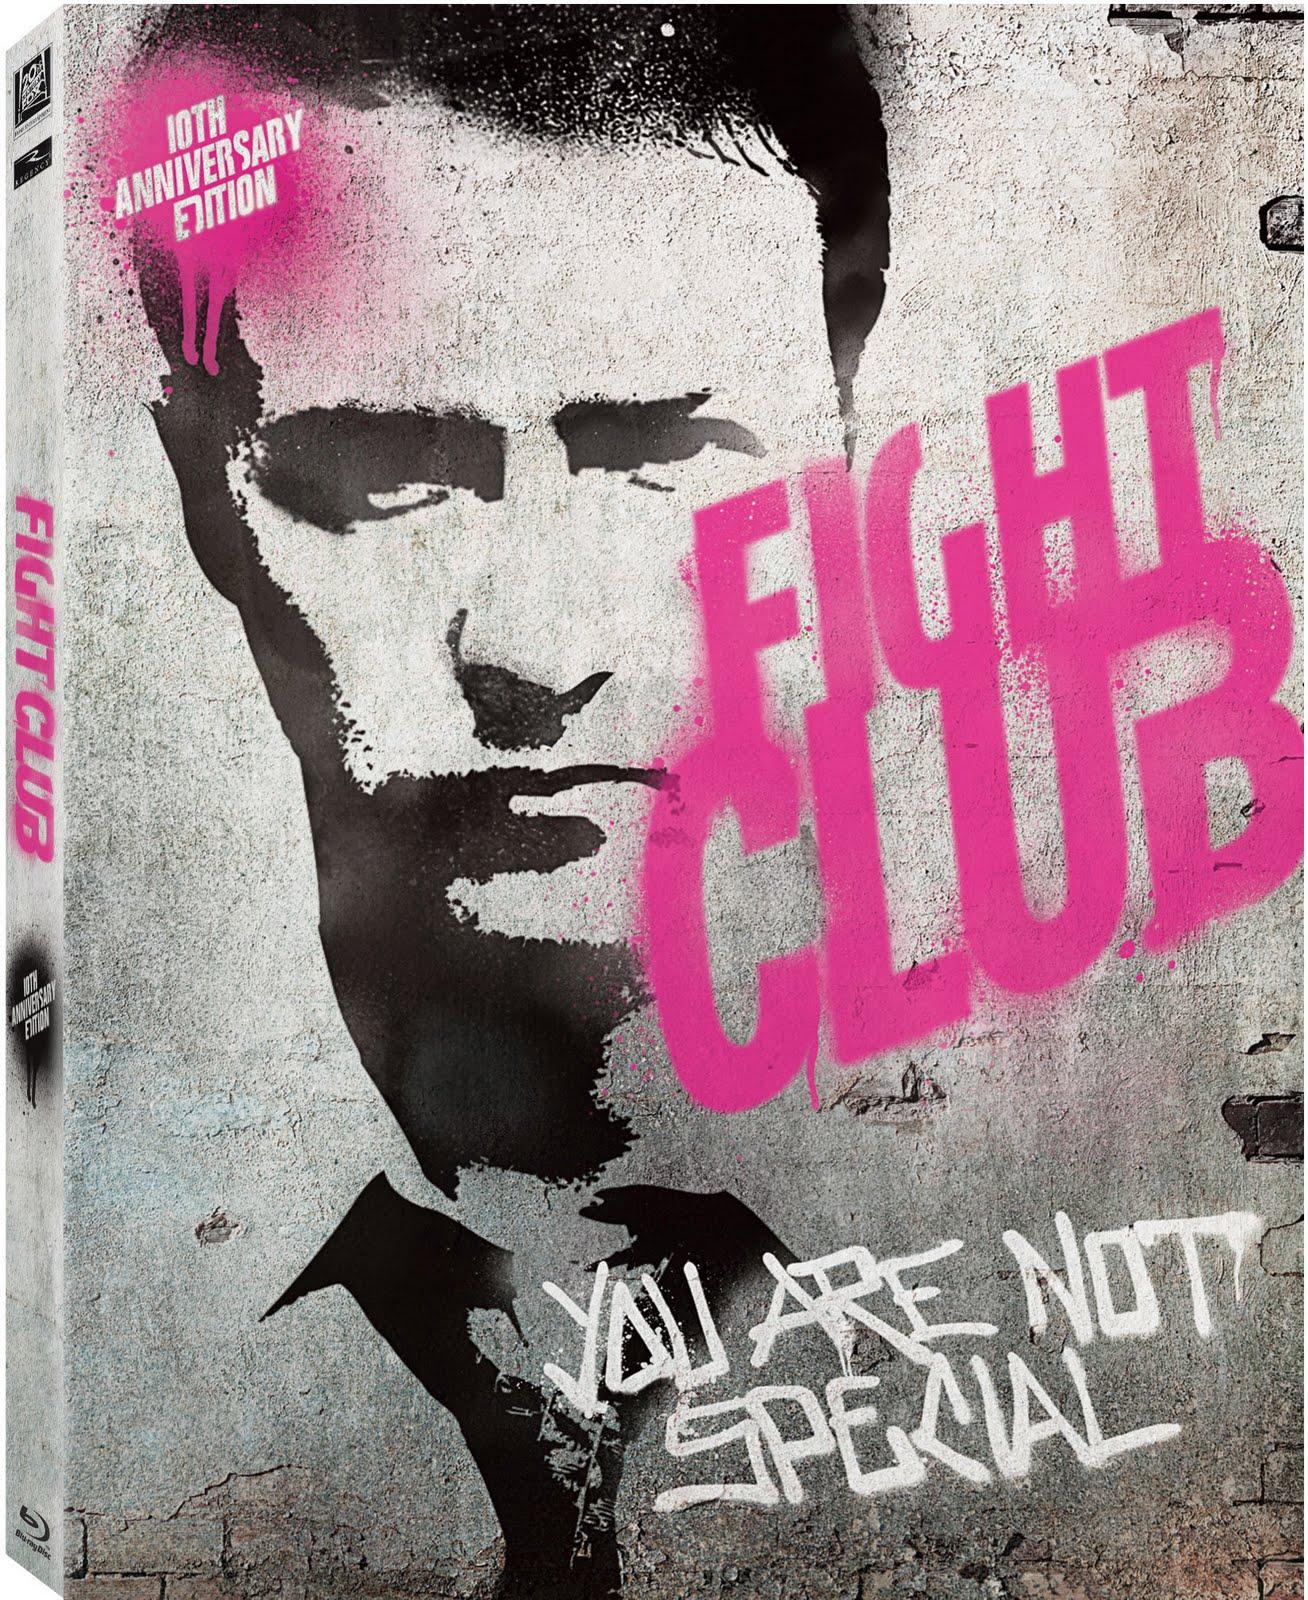 http://4.bp.blogspot.com/_FahycIEyLtM/Swj0PQmAM2I/AAAAAAAAAHI/1tLu0eV0GLE/s1600/fightclubocard.jpg